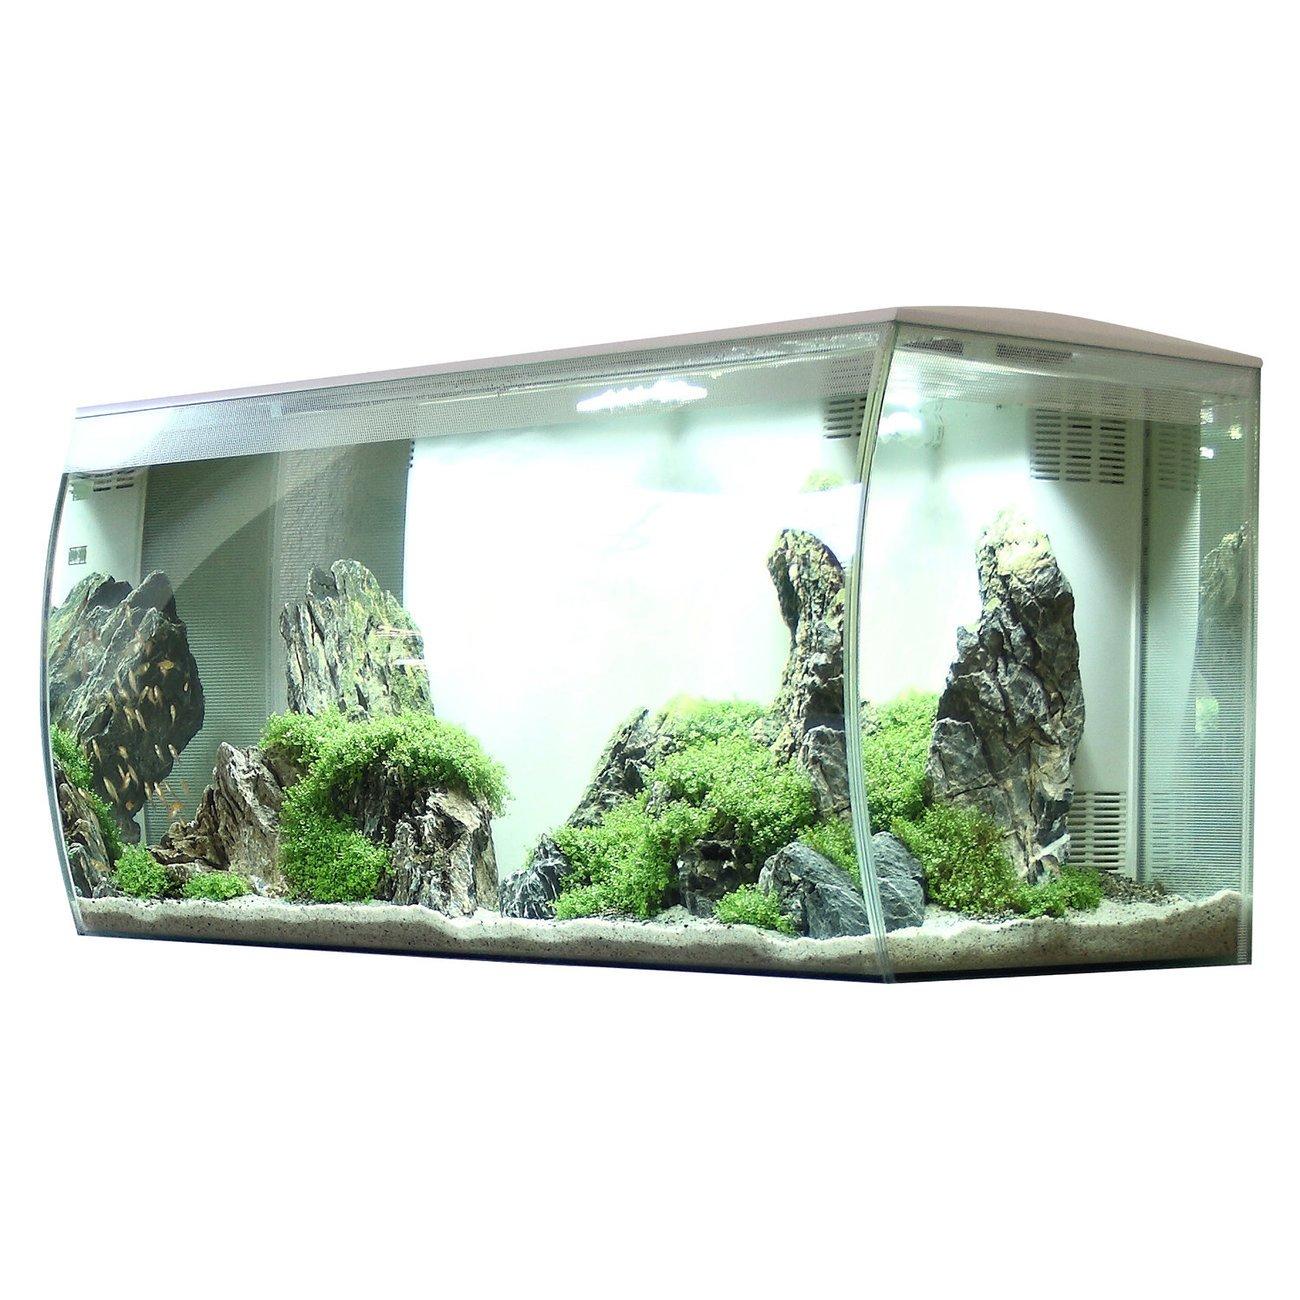 Fluval Flex 123 Liter Aquarium, Bild 13